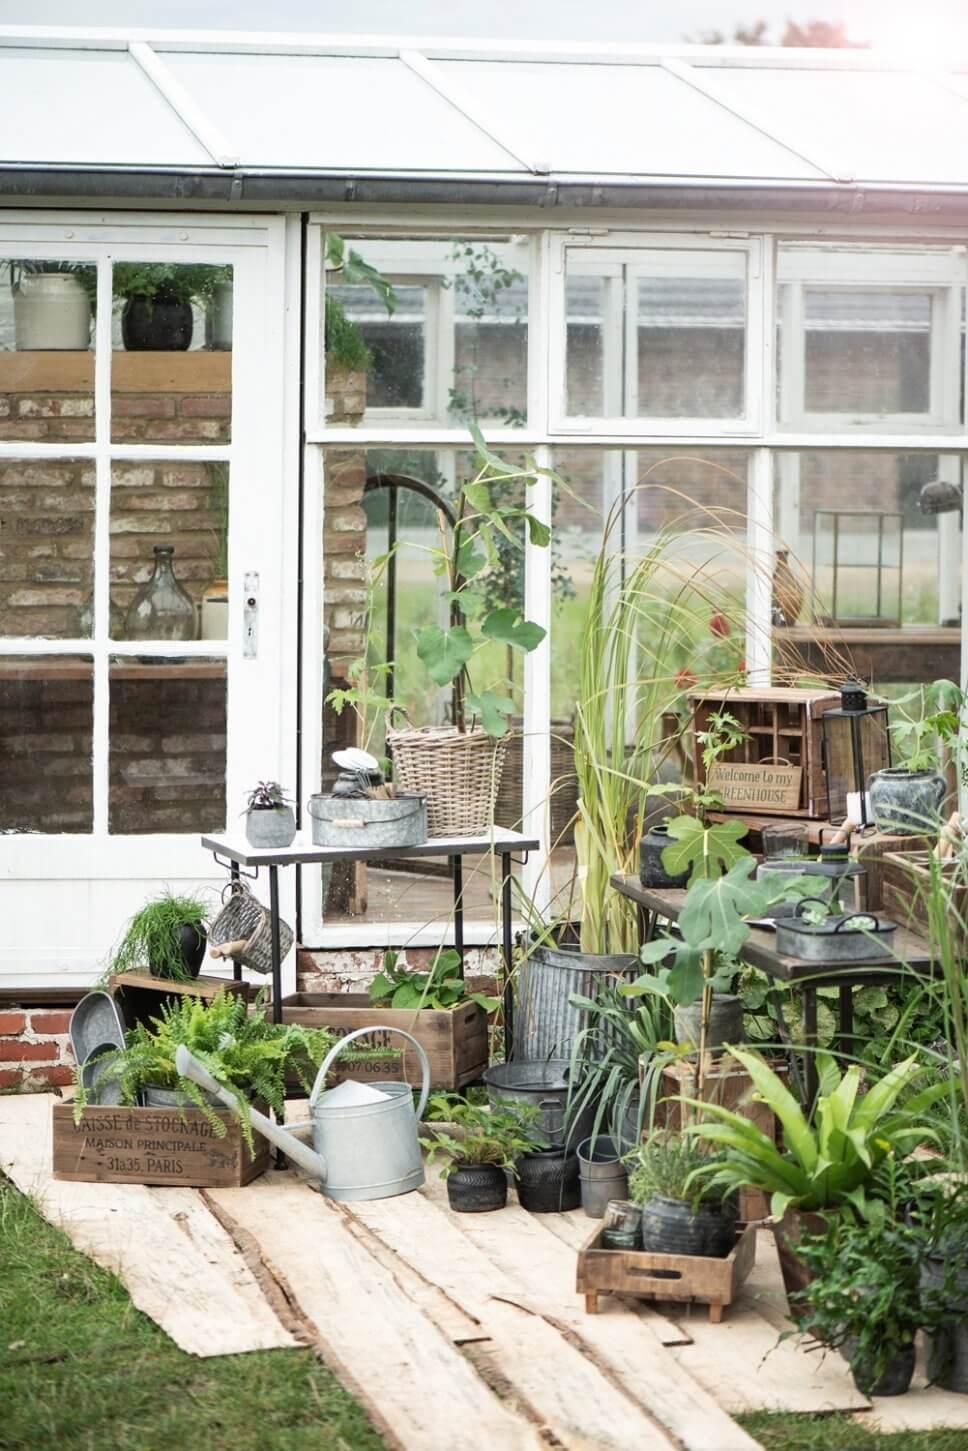 Üppig mit Kübelpflanzen bepflanzte Terrasse vor Gewächshaus